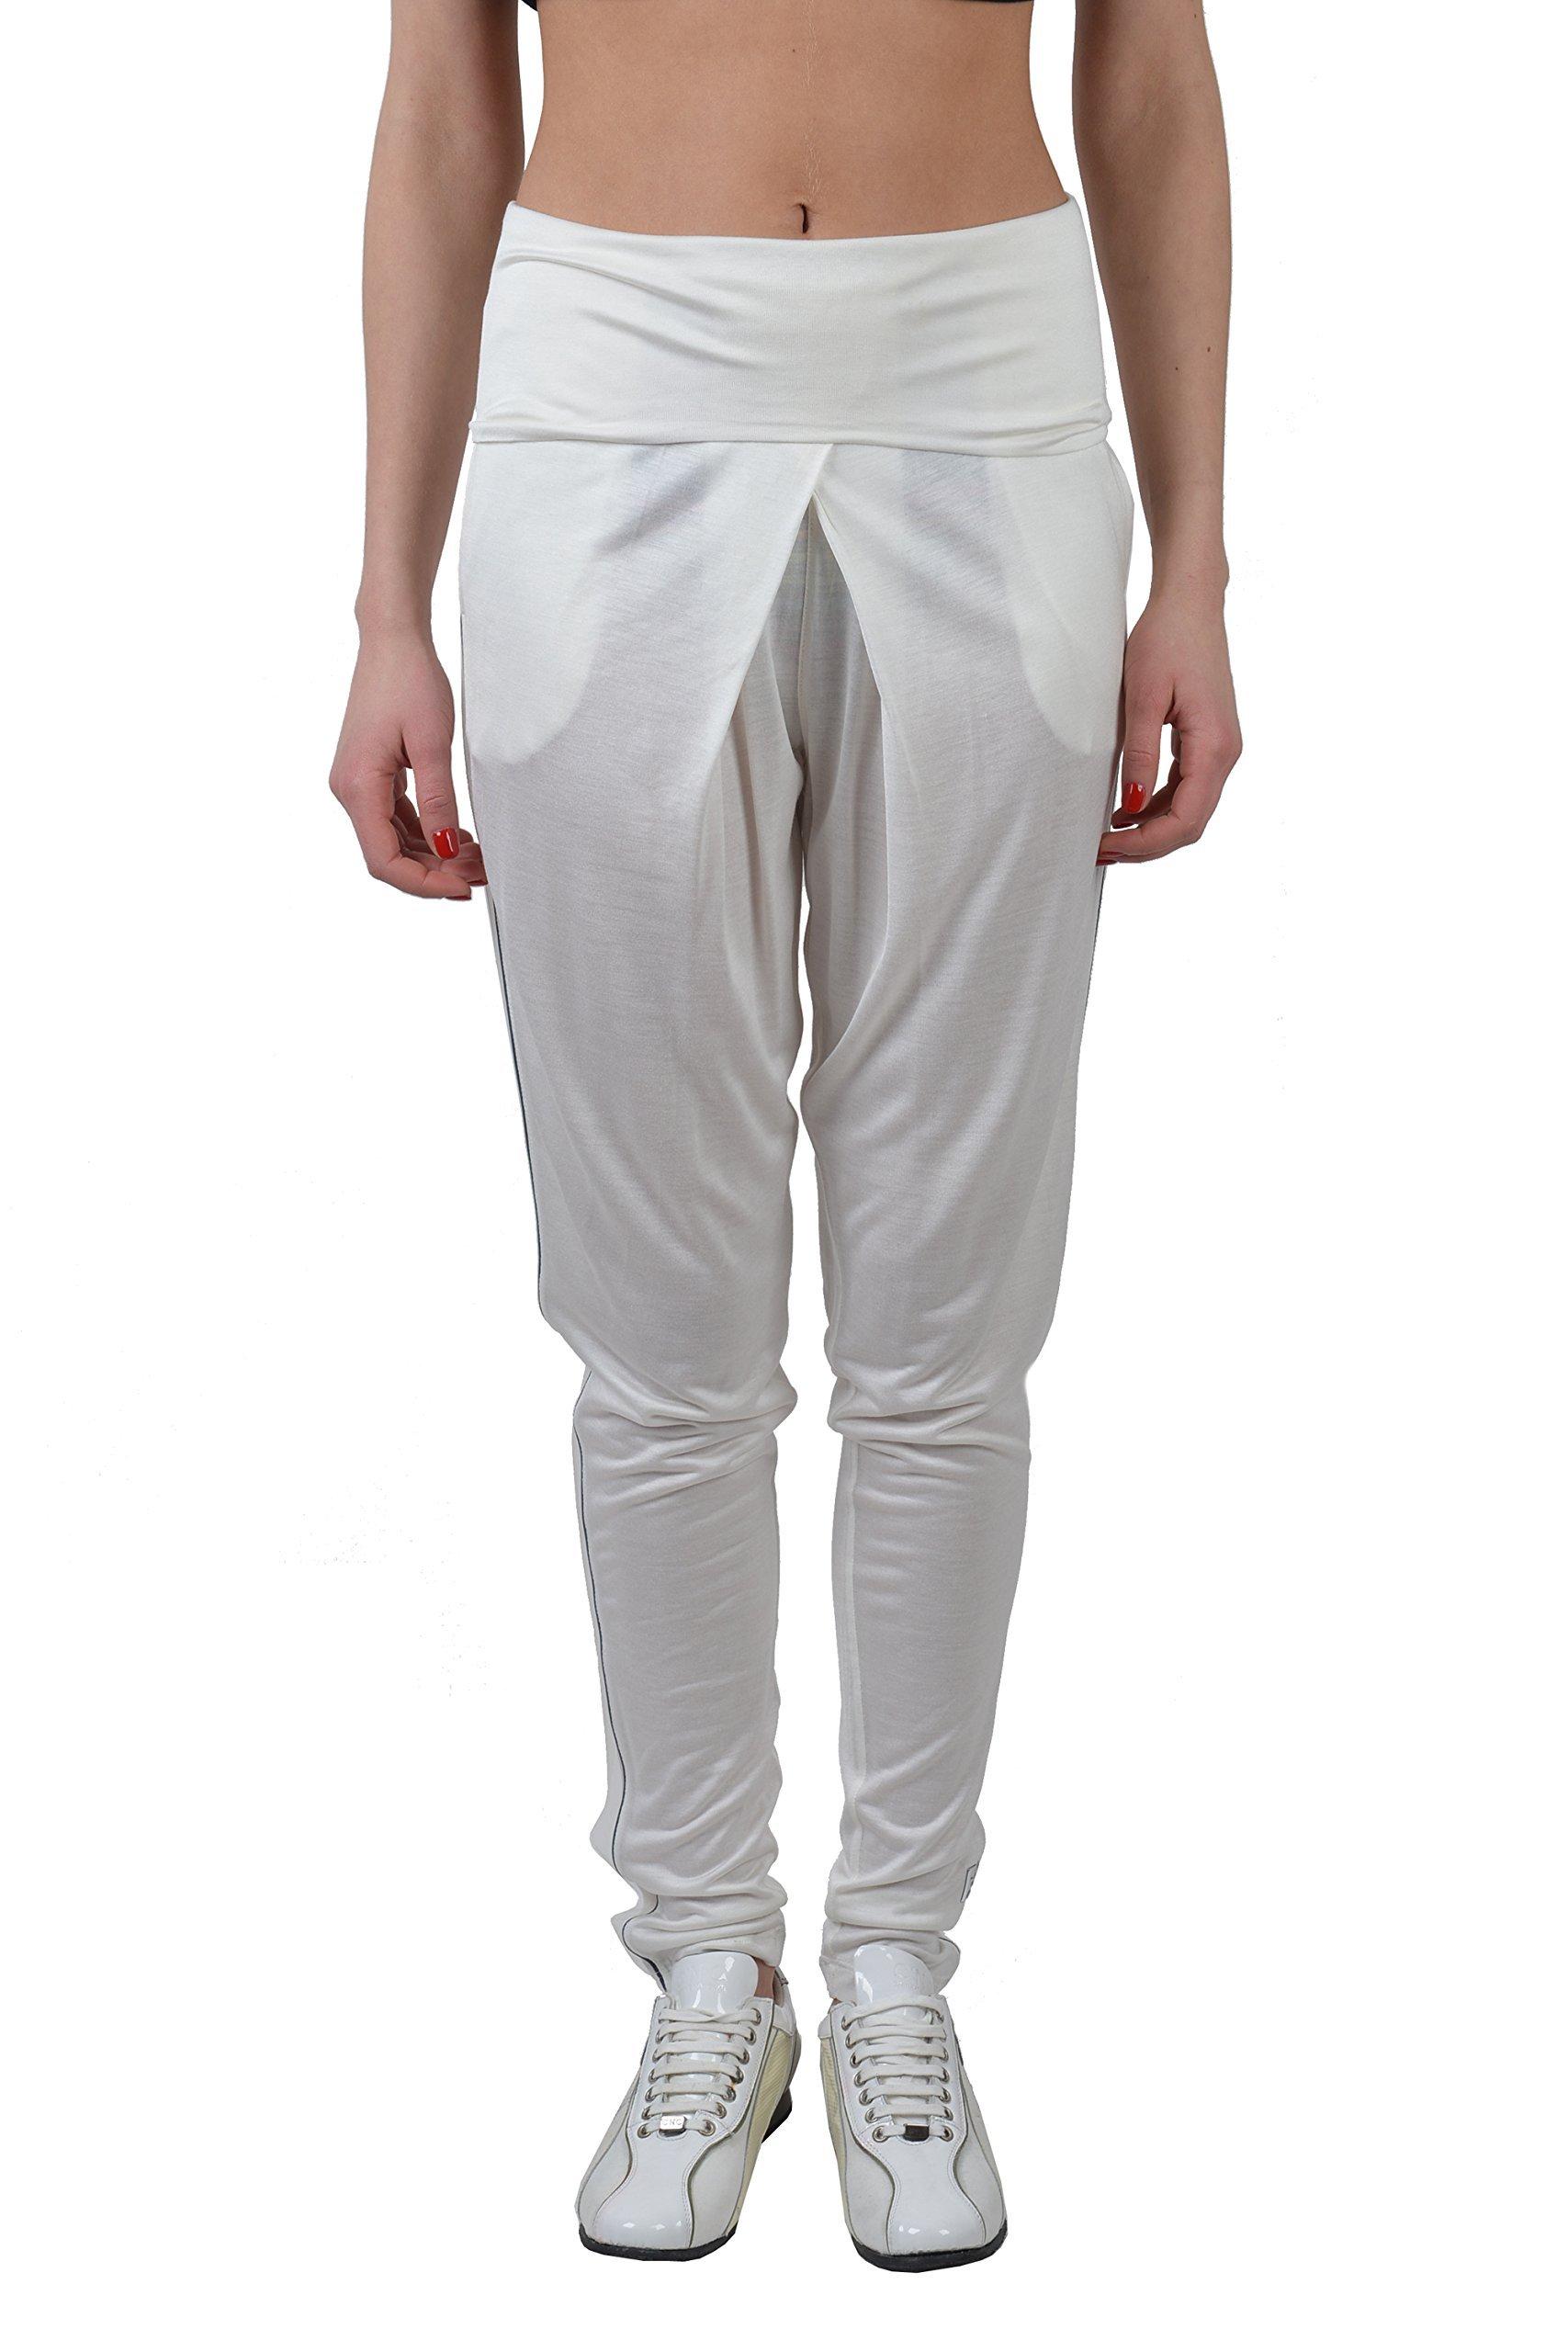 Fendi Women's White Pleated Tuxedo Style Pants US 4 IT 40 by Fendi